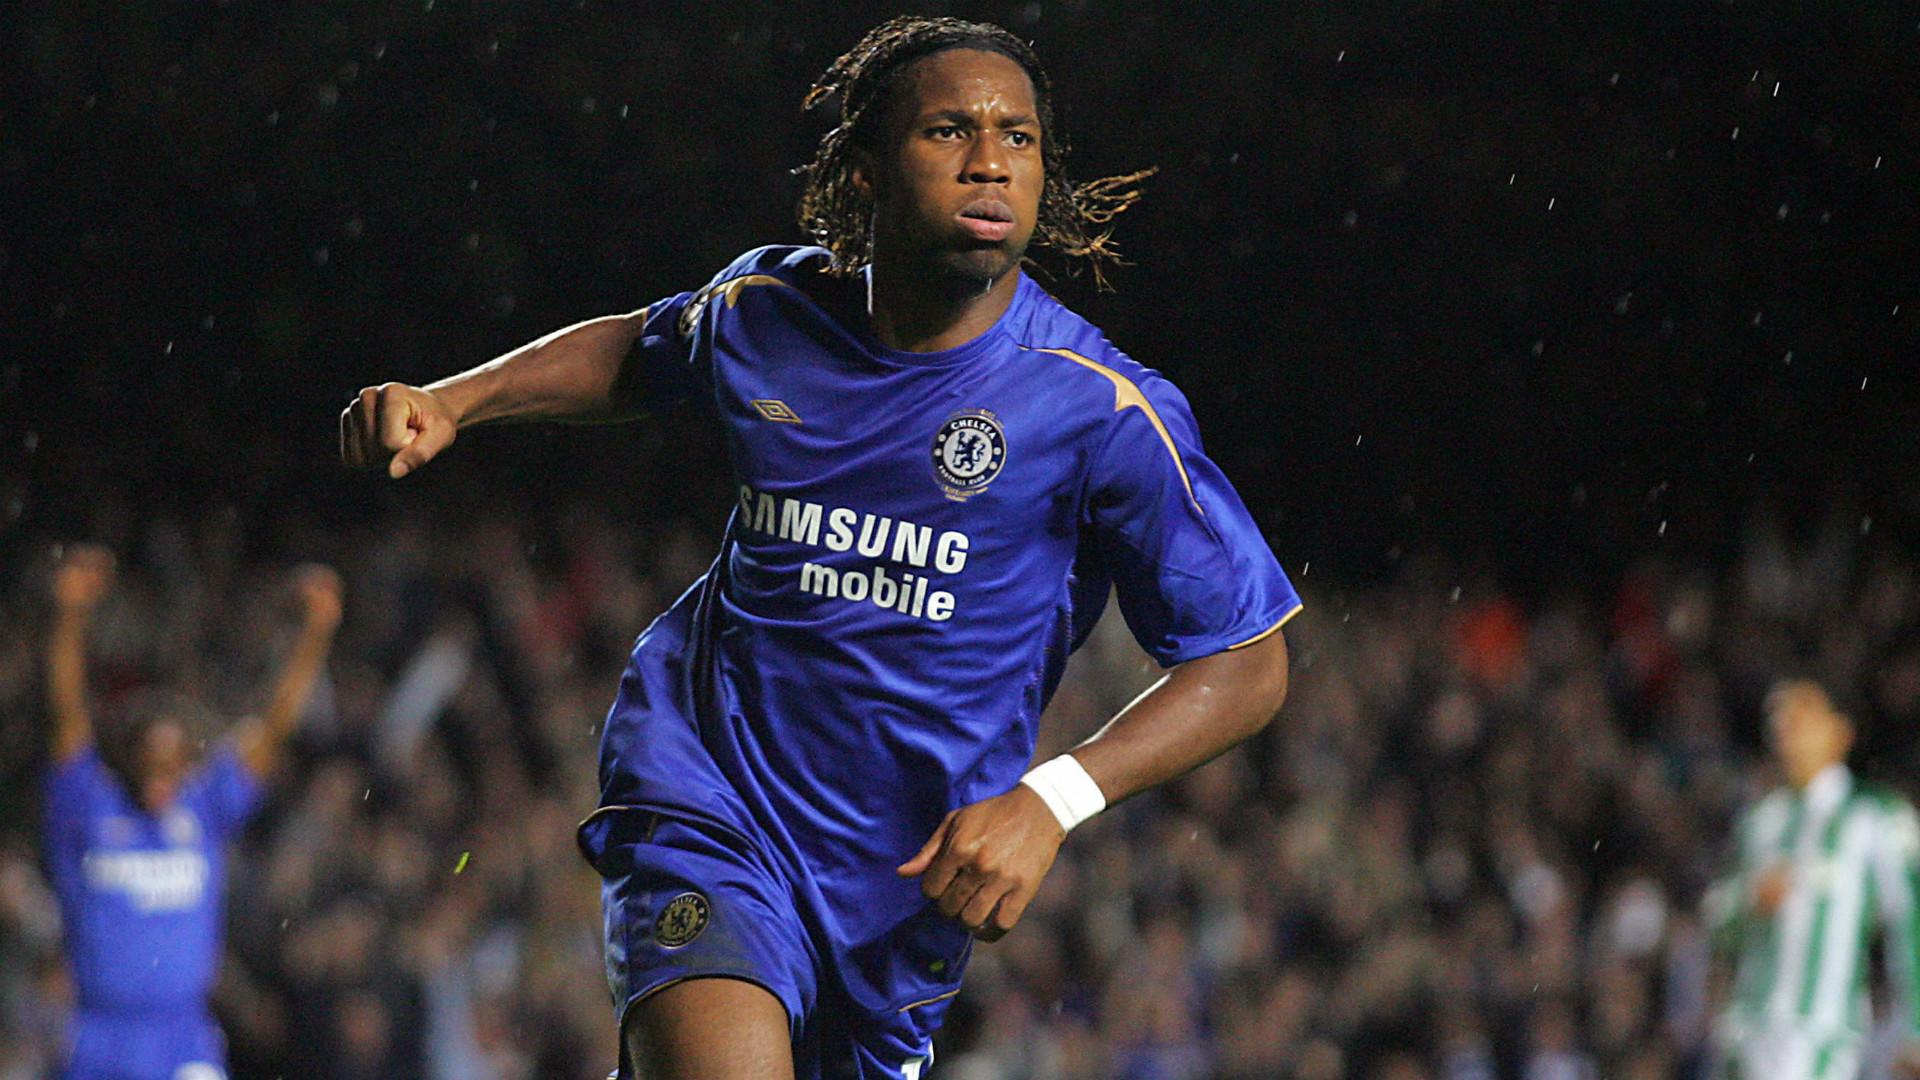 Derribando mitos: Drogba es una leyenda del Chelsea pero ¿era un delantero de clase mundial? | Goal.com